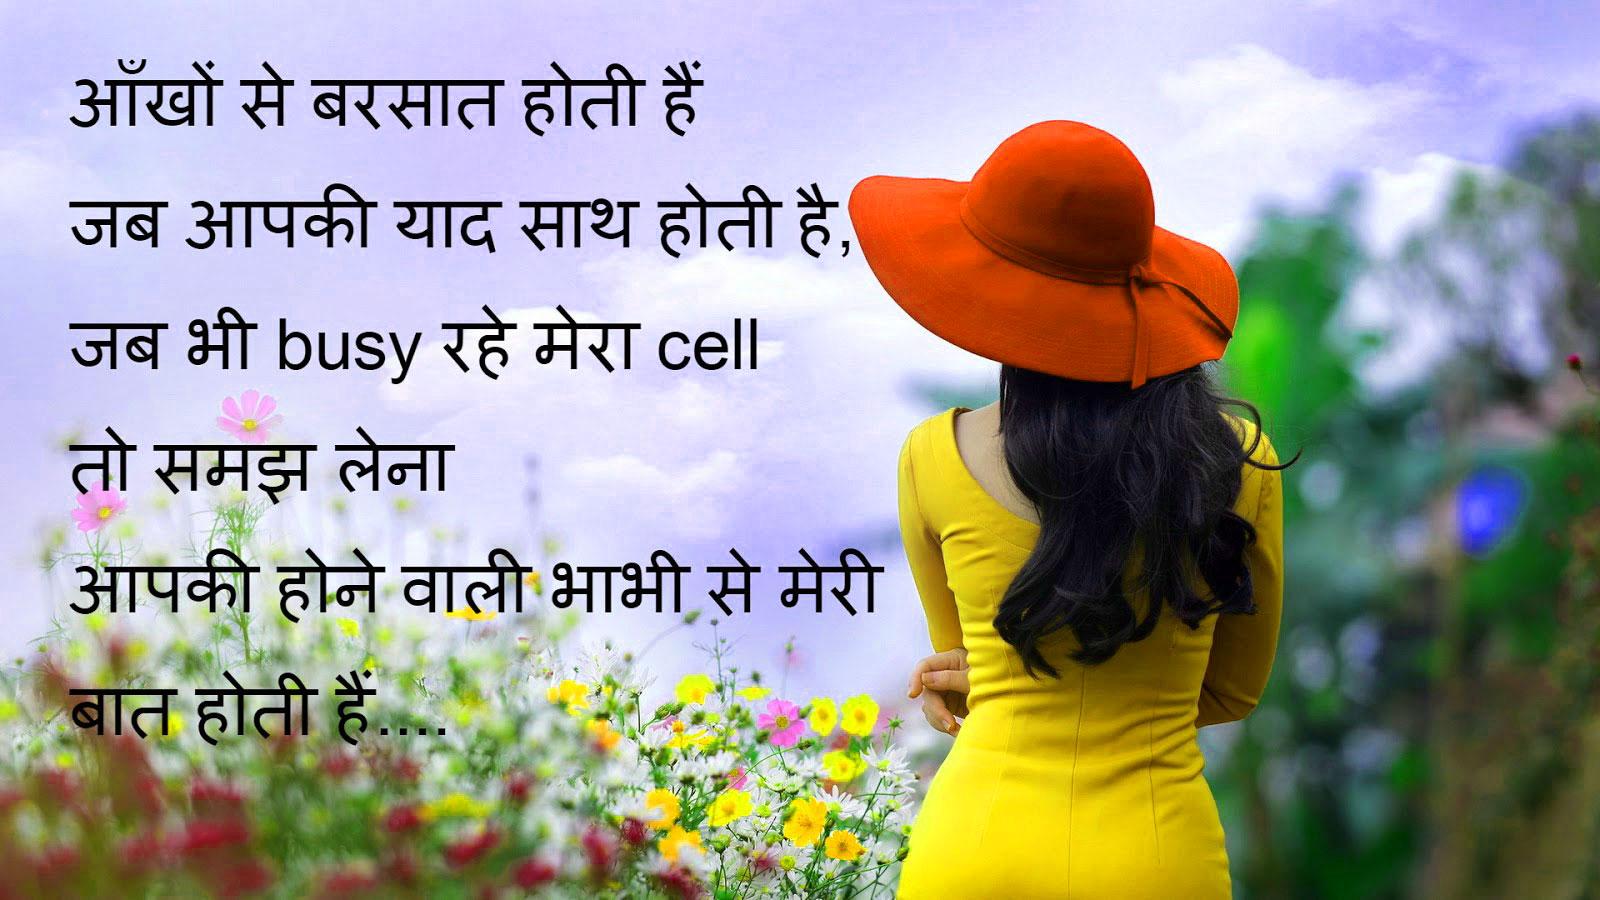 Best Hindi Love Shayari Quotes Whatsapp Status60